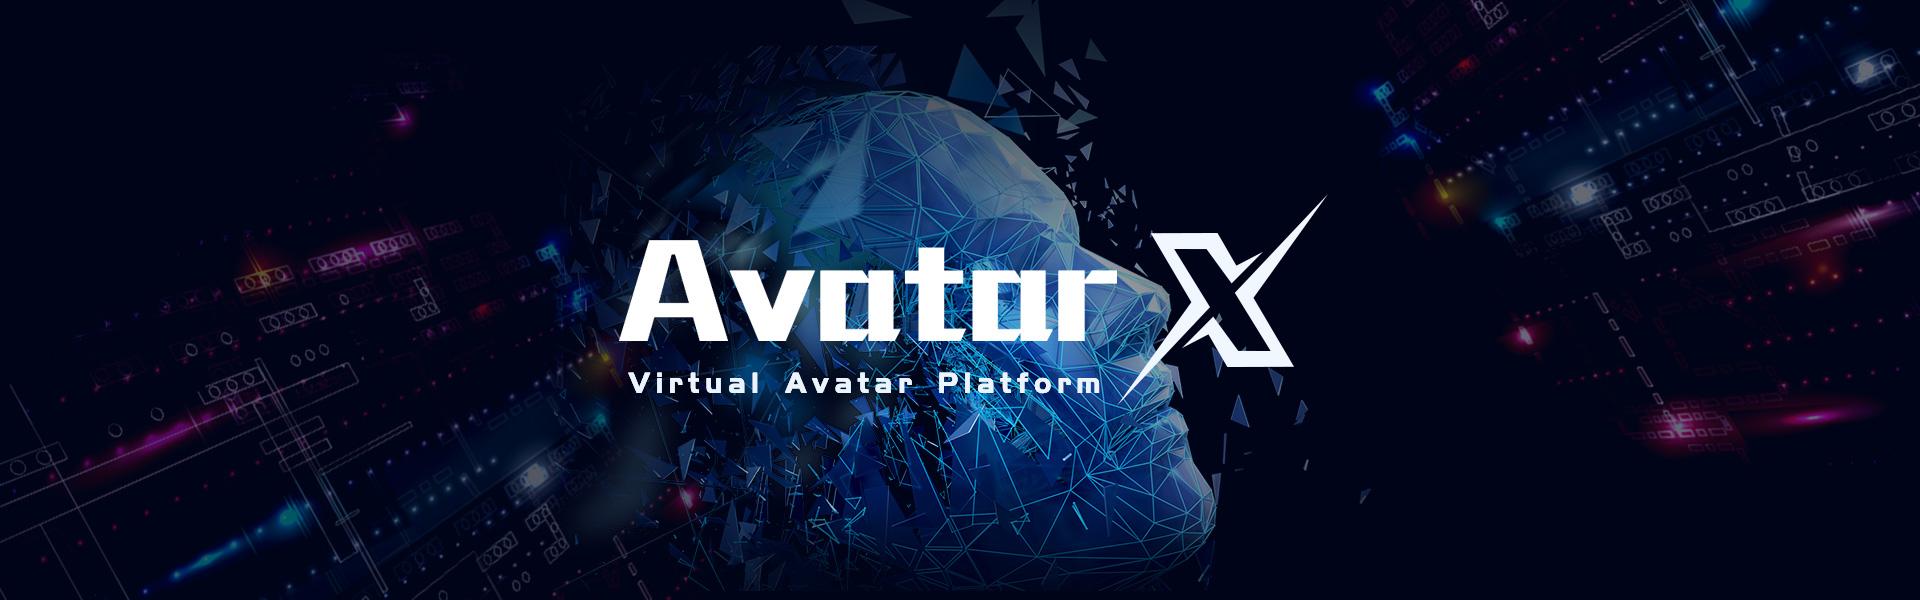 Avatar虚拟形象平台